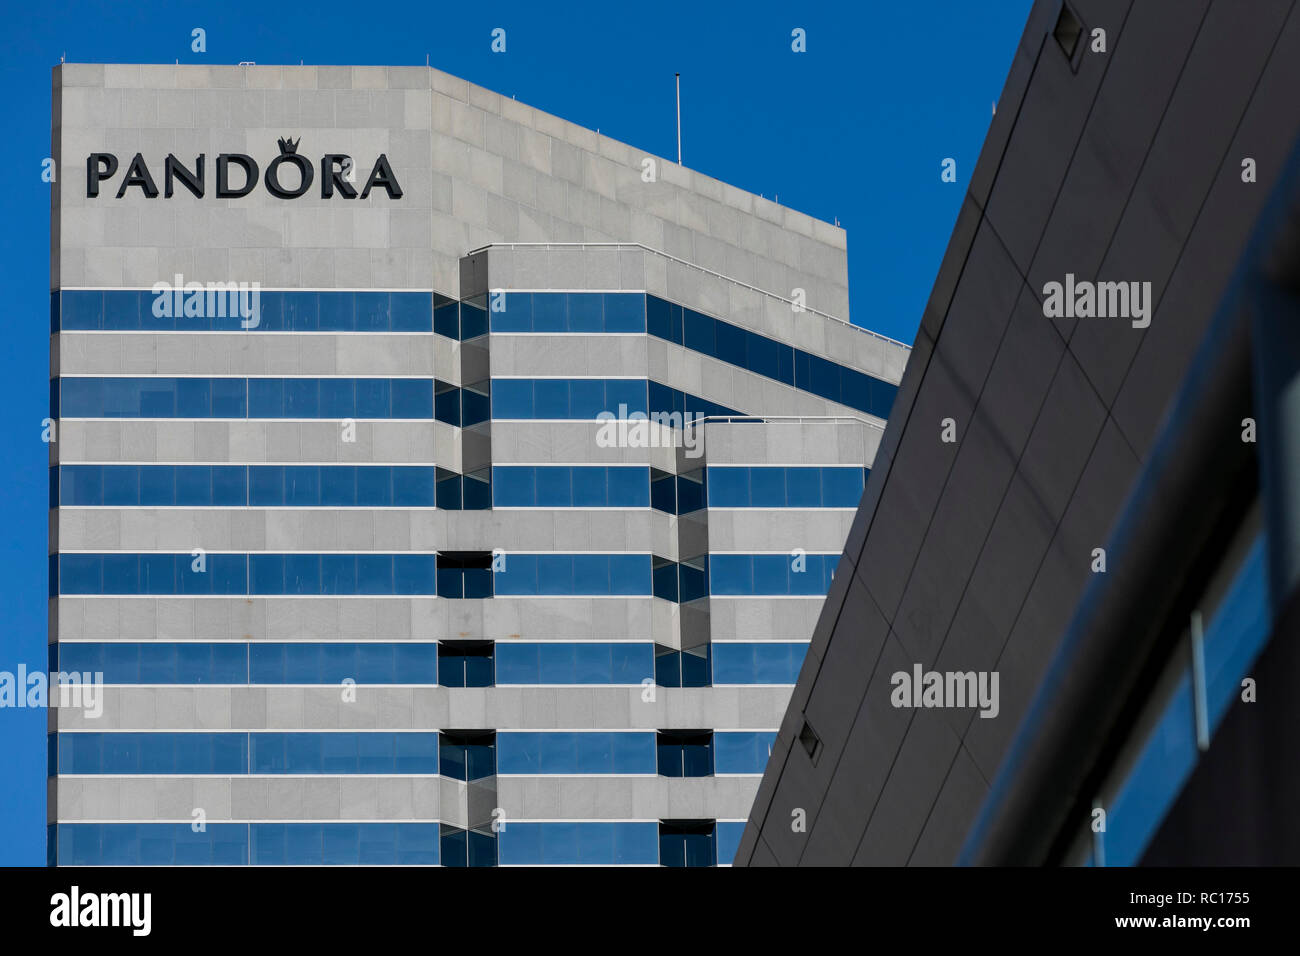 Un logo affiche à l'extérieur d'un établissement occupé par Pandora Jewelry à Baltimore, Maryland le 11 janvier 2019. Photo Stock